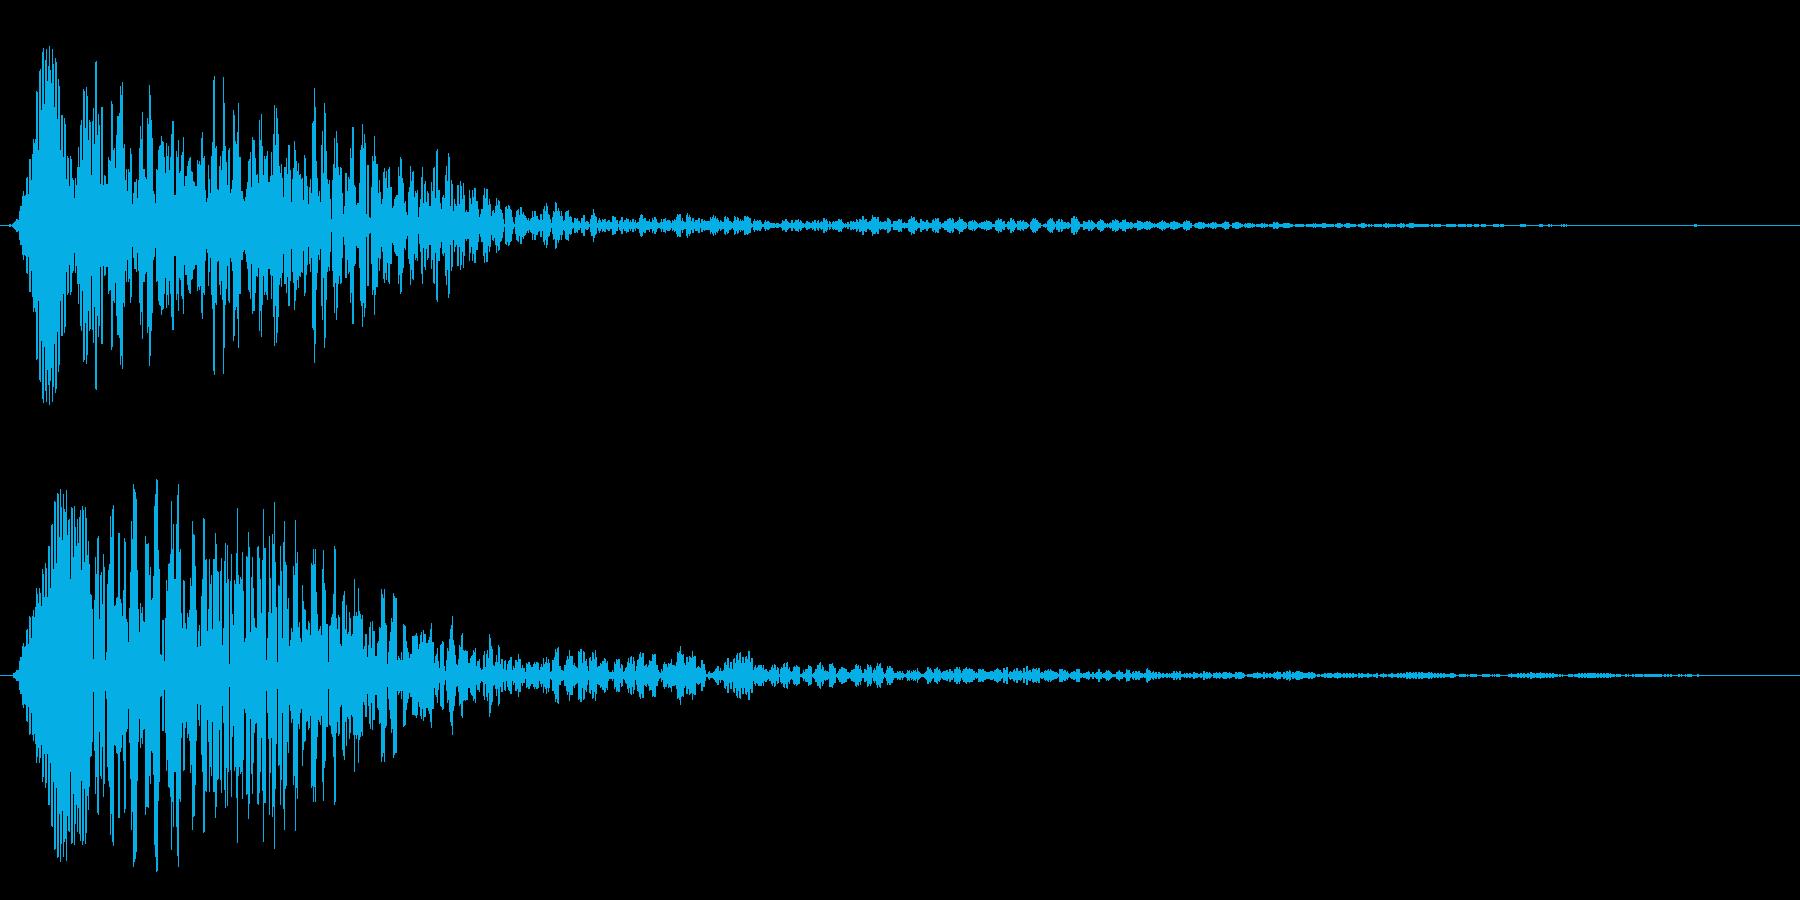 ローリングスタート(落ち着いた女性の声)の再生済みの波形